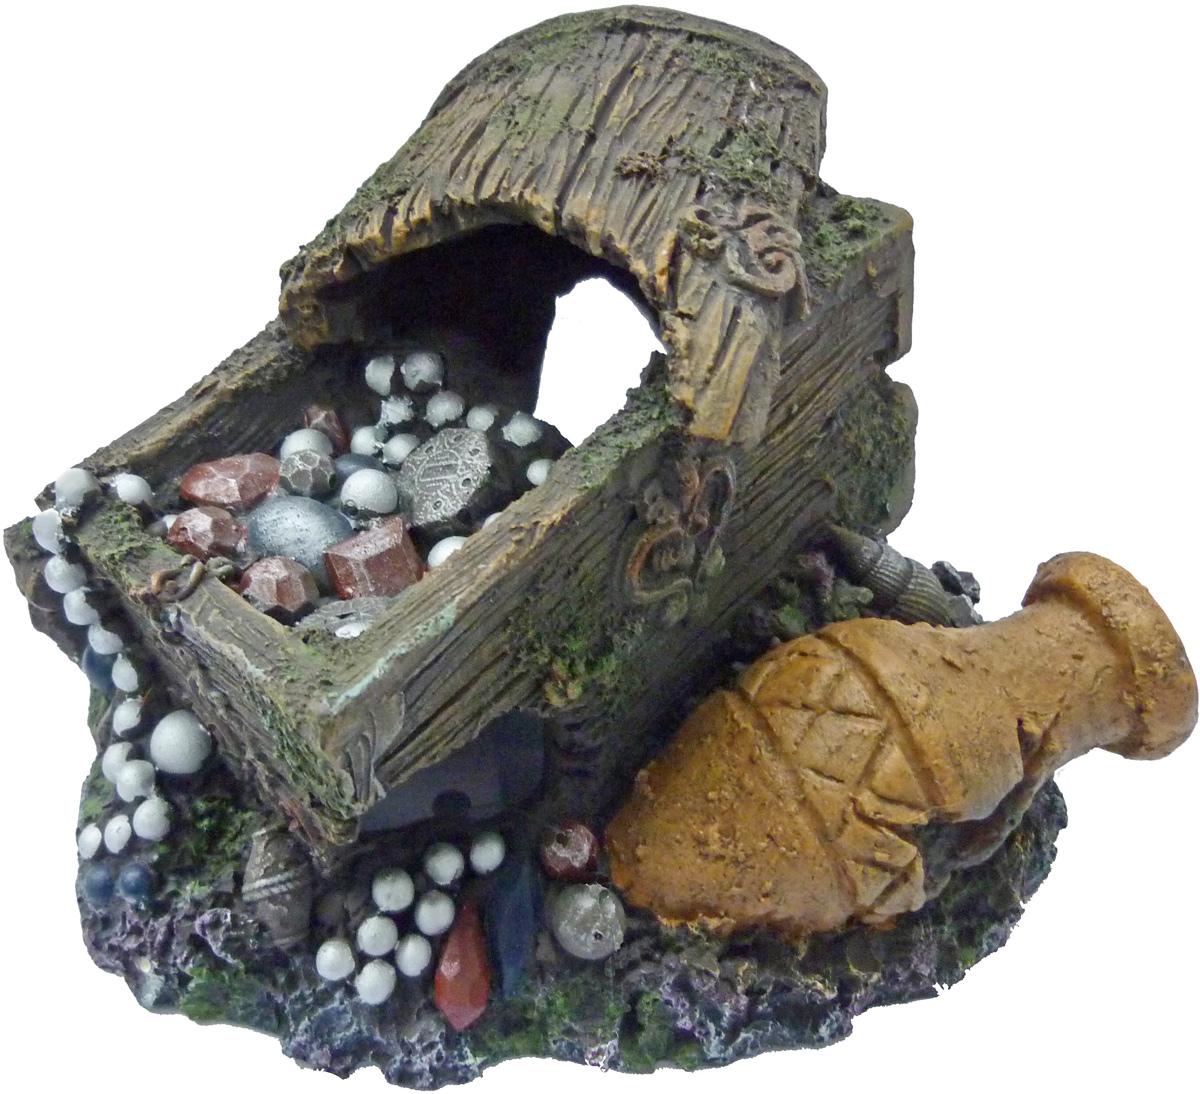 Грот Meijing Aquarium Сундук с сокровищами. WR-012WR-012Аквариумный грот – это отличный элемент дизайна. Оригинальные аквариумные украшения придают подводному ландшафту завершенный вид, что крайне важно, ведь одной из главнейших функций аквариума в интерьере является функция эстетическая. Но декорация-грот – это еще и прекрасное укрытие для рыбок и иных обитателей подводного мира. Особенно – в том случае, если кто-либо из ваших питомцев проявляет излишнюю агрессивность по отношению к соседям. В таком случае грот для аквариума окажется совершенно незаменимым. Грот Meijing Aquarium прекрасно впишется в любой интерьер аквариума. А в сочетании с другими элементами декора сделает среду обитания ваших рыбок максимально приближенной к морской среде. Декорация абсолютно безвредна для рыб и растений. Грот тонет и не требует дополнительной фиксации в аквариуме. Может использоваться как в пресной, так и в морской воде. Изделие не токсично, не тускнеет и не теряет цвета, краска не облазит.